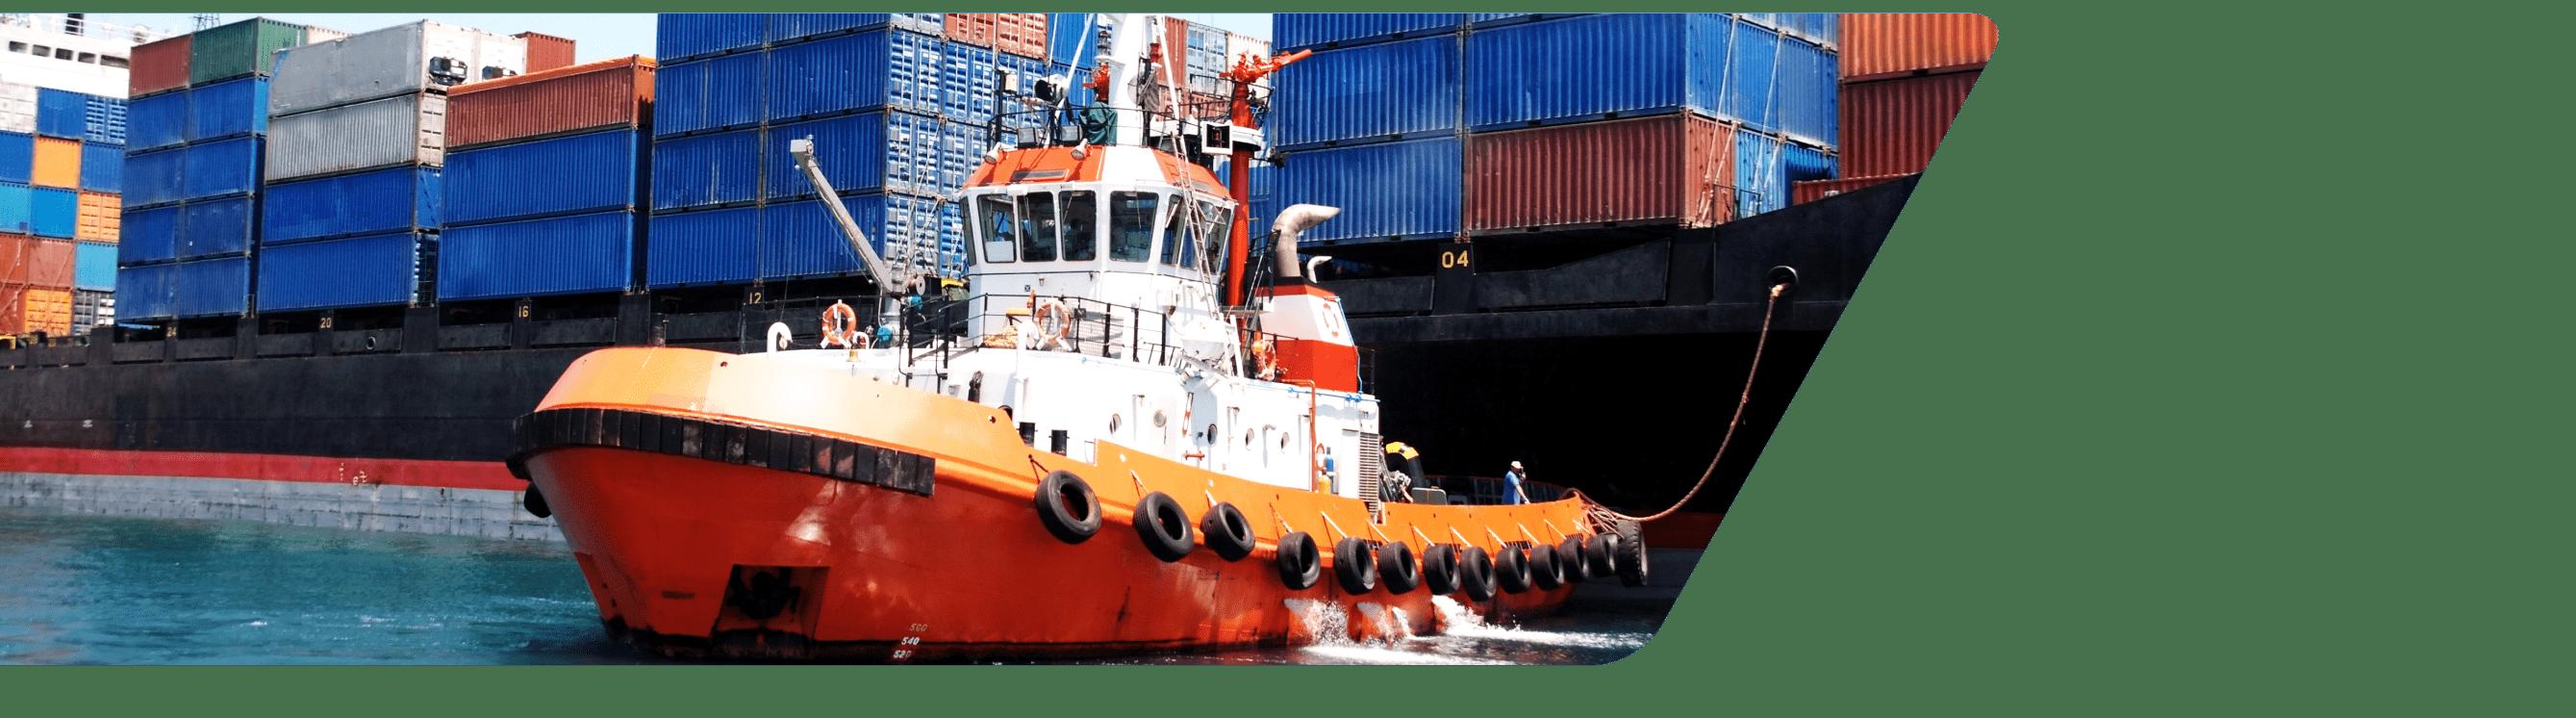 envoi radio port maritime